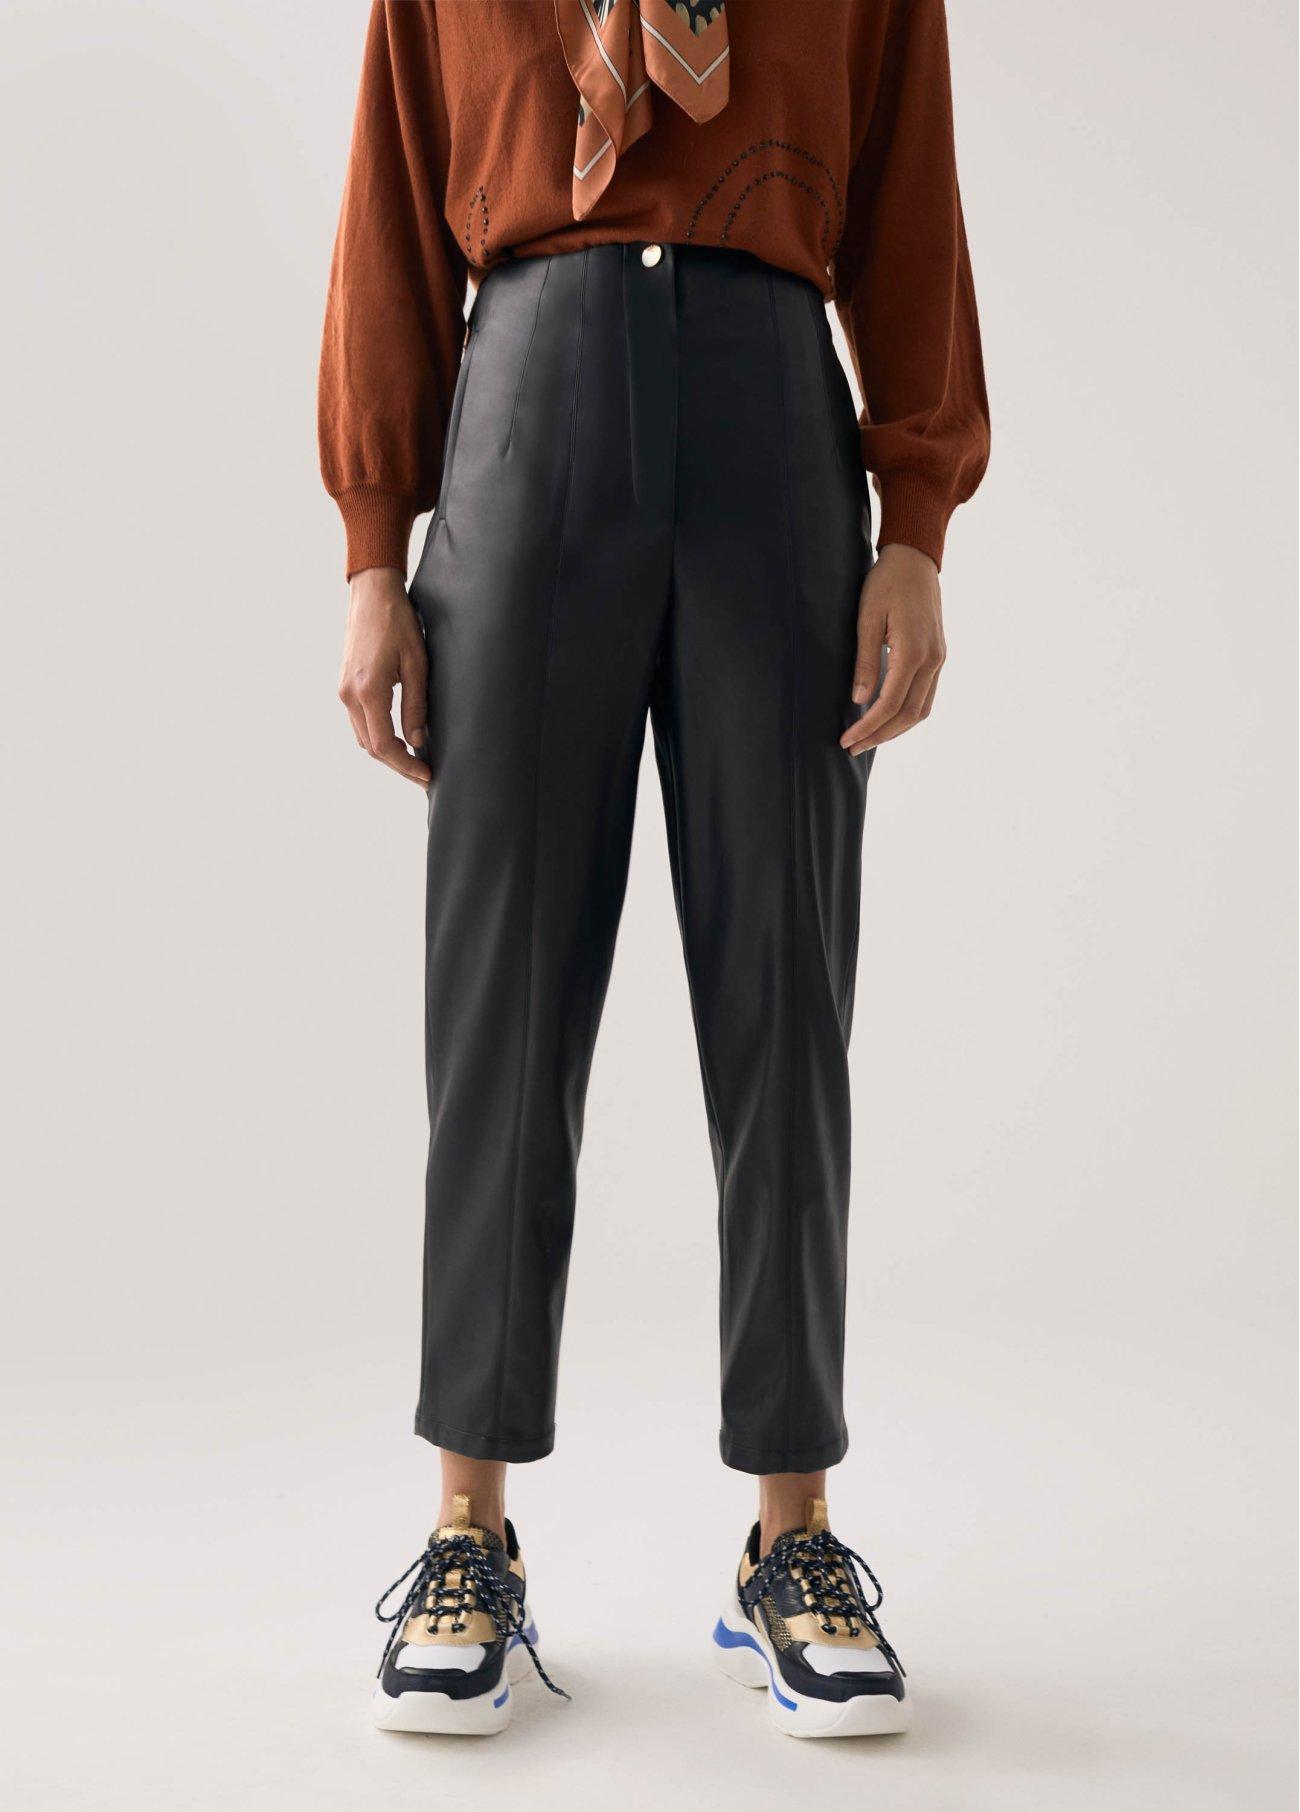 Pantalón efecto pinzado, negro 2